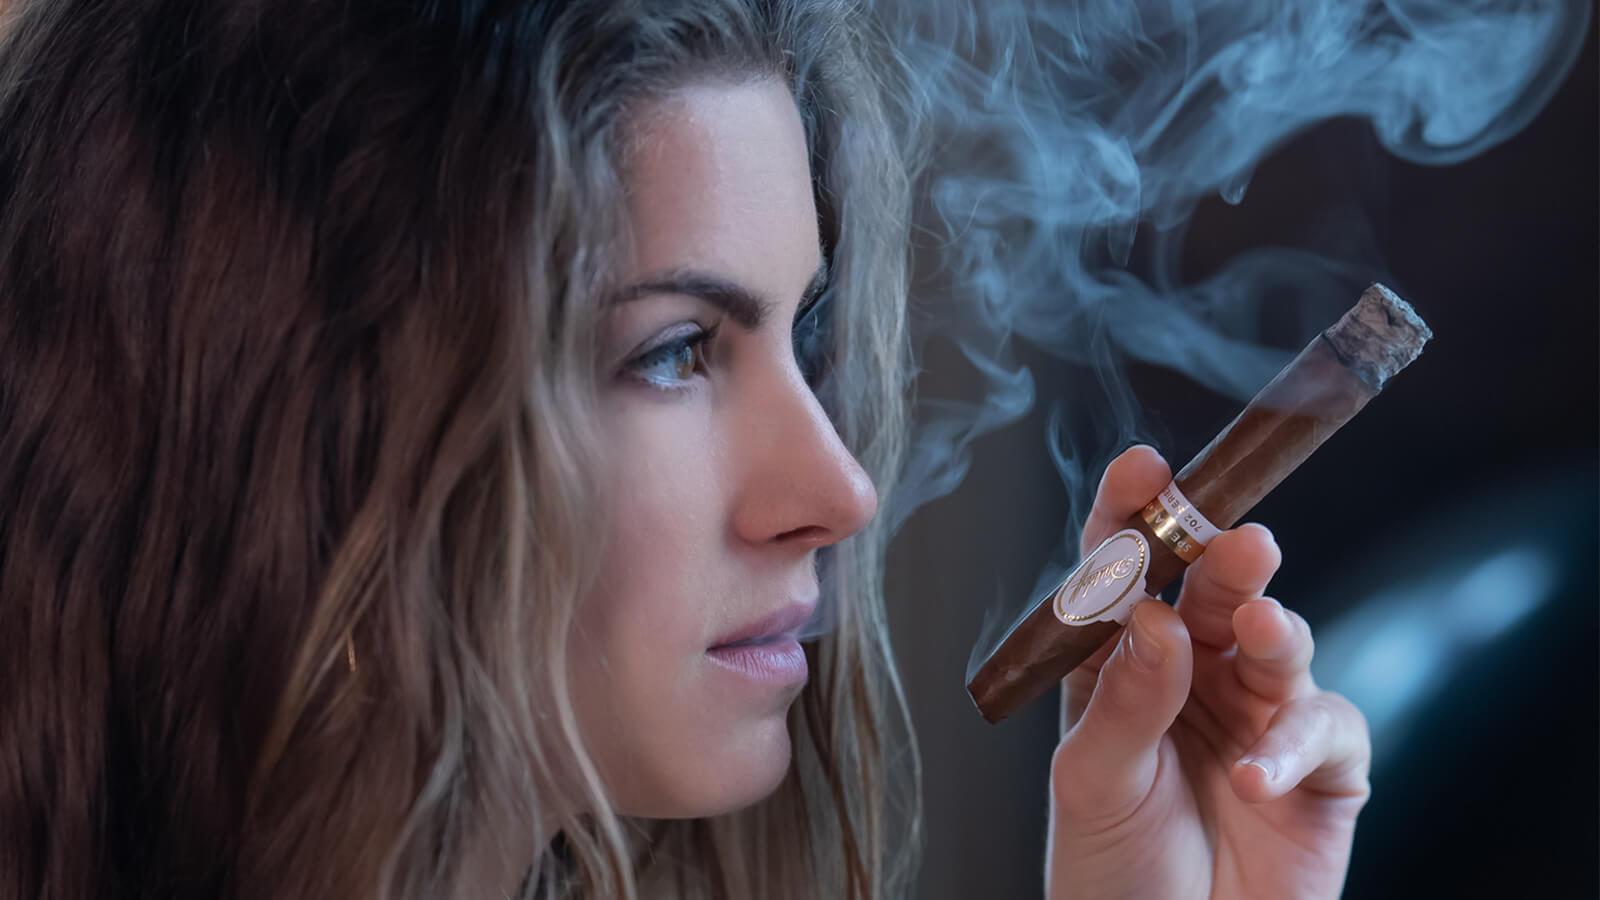 Smokers women cigar Leading Women